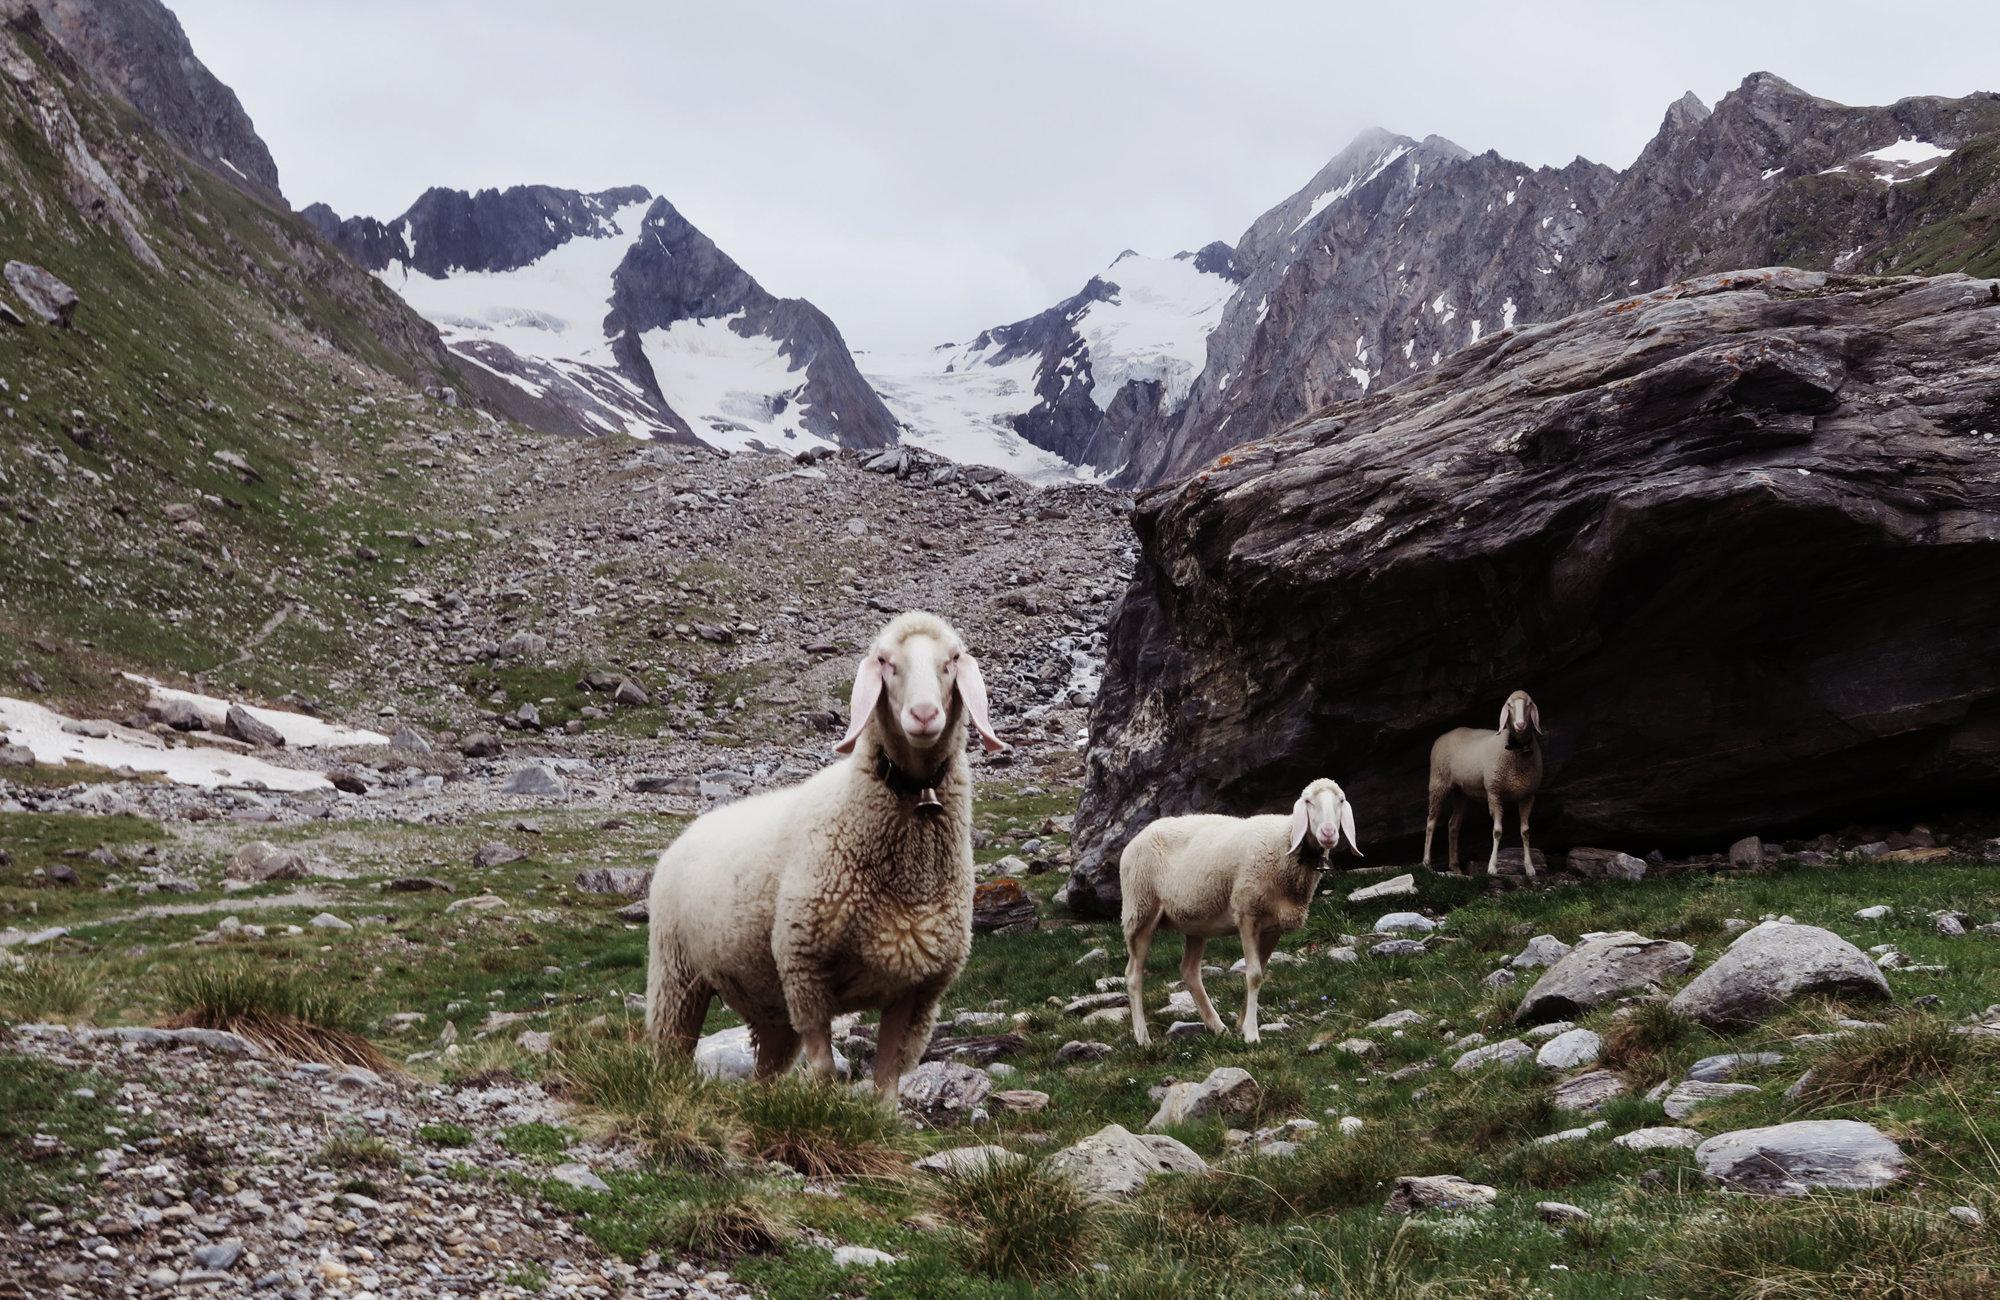 Wandern im Gaisbergtal, Wandertour Rotmoosferner und Gaisbergtal, Wandern im Ötztal, Wandertour Ötztal, Alpen, Tirol, Gletscher